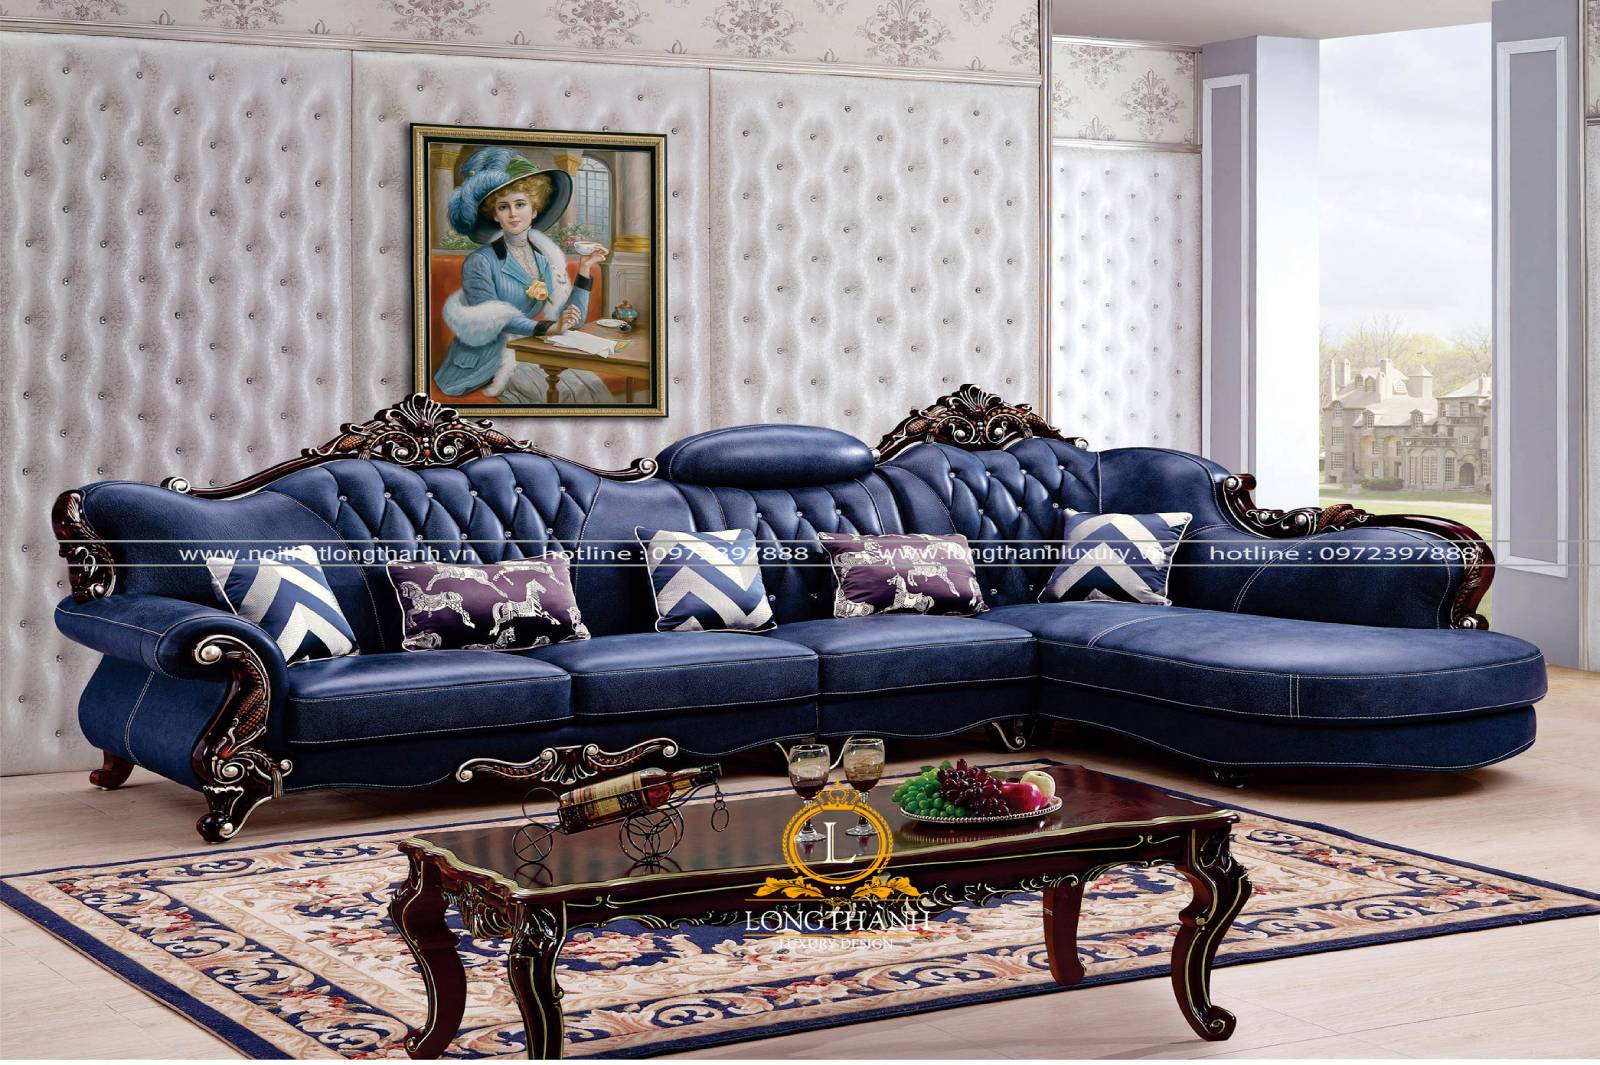 Mẫu sofa góc L phong cách cổ điển chất liệu da tự nhiên